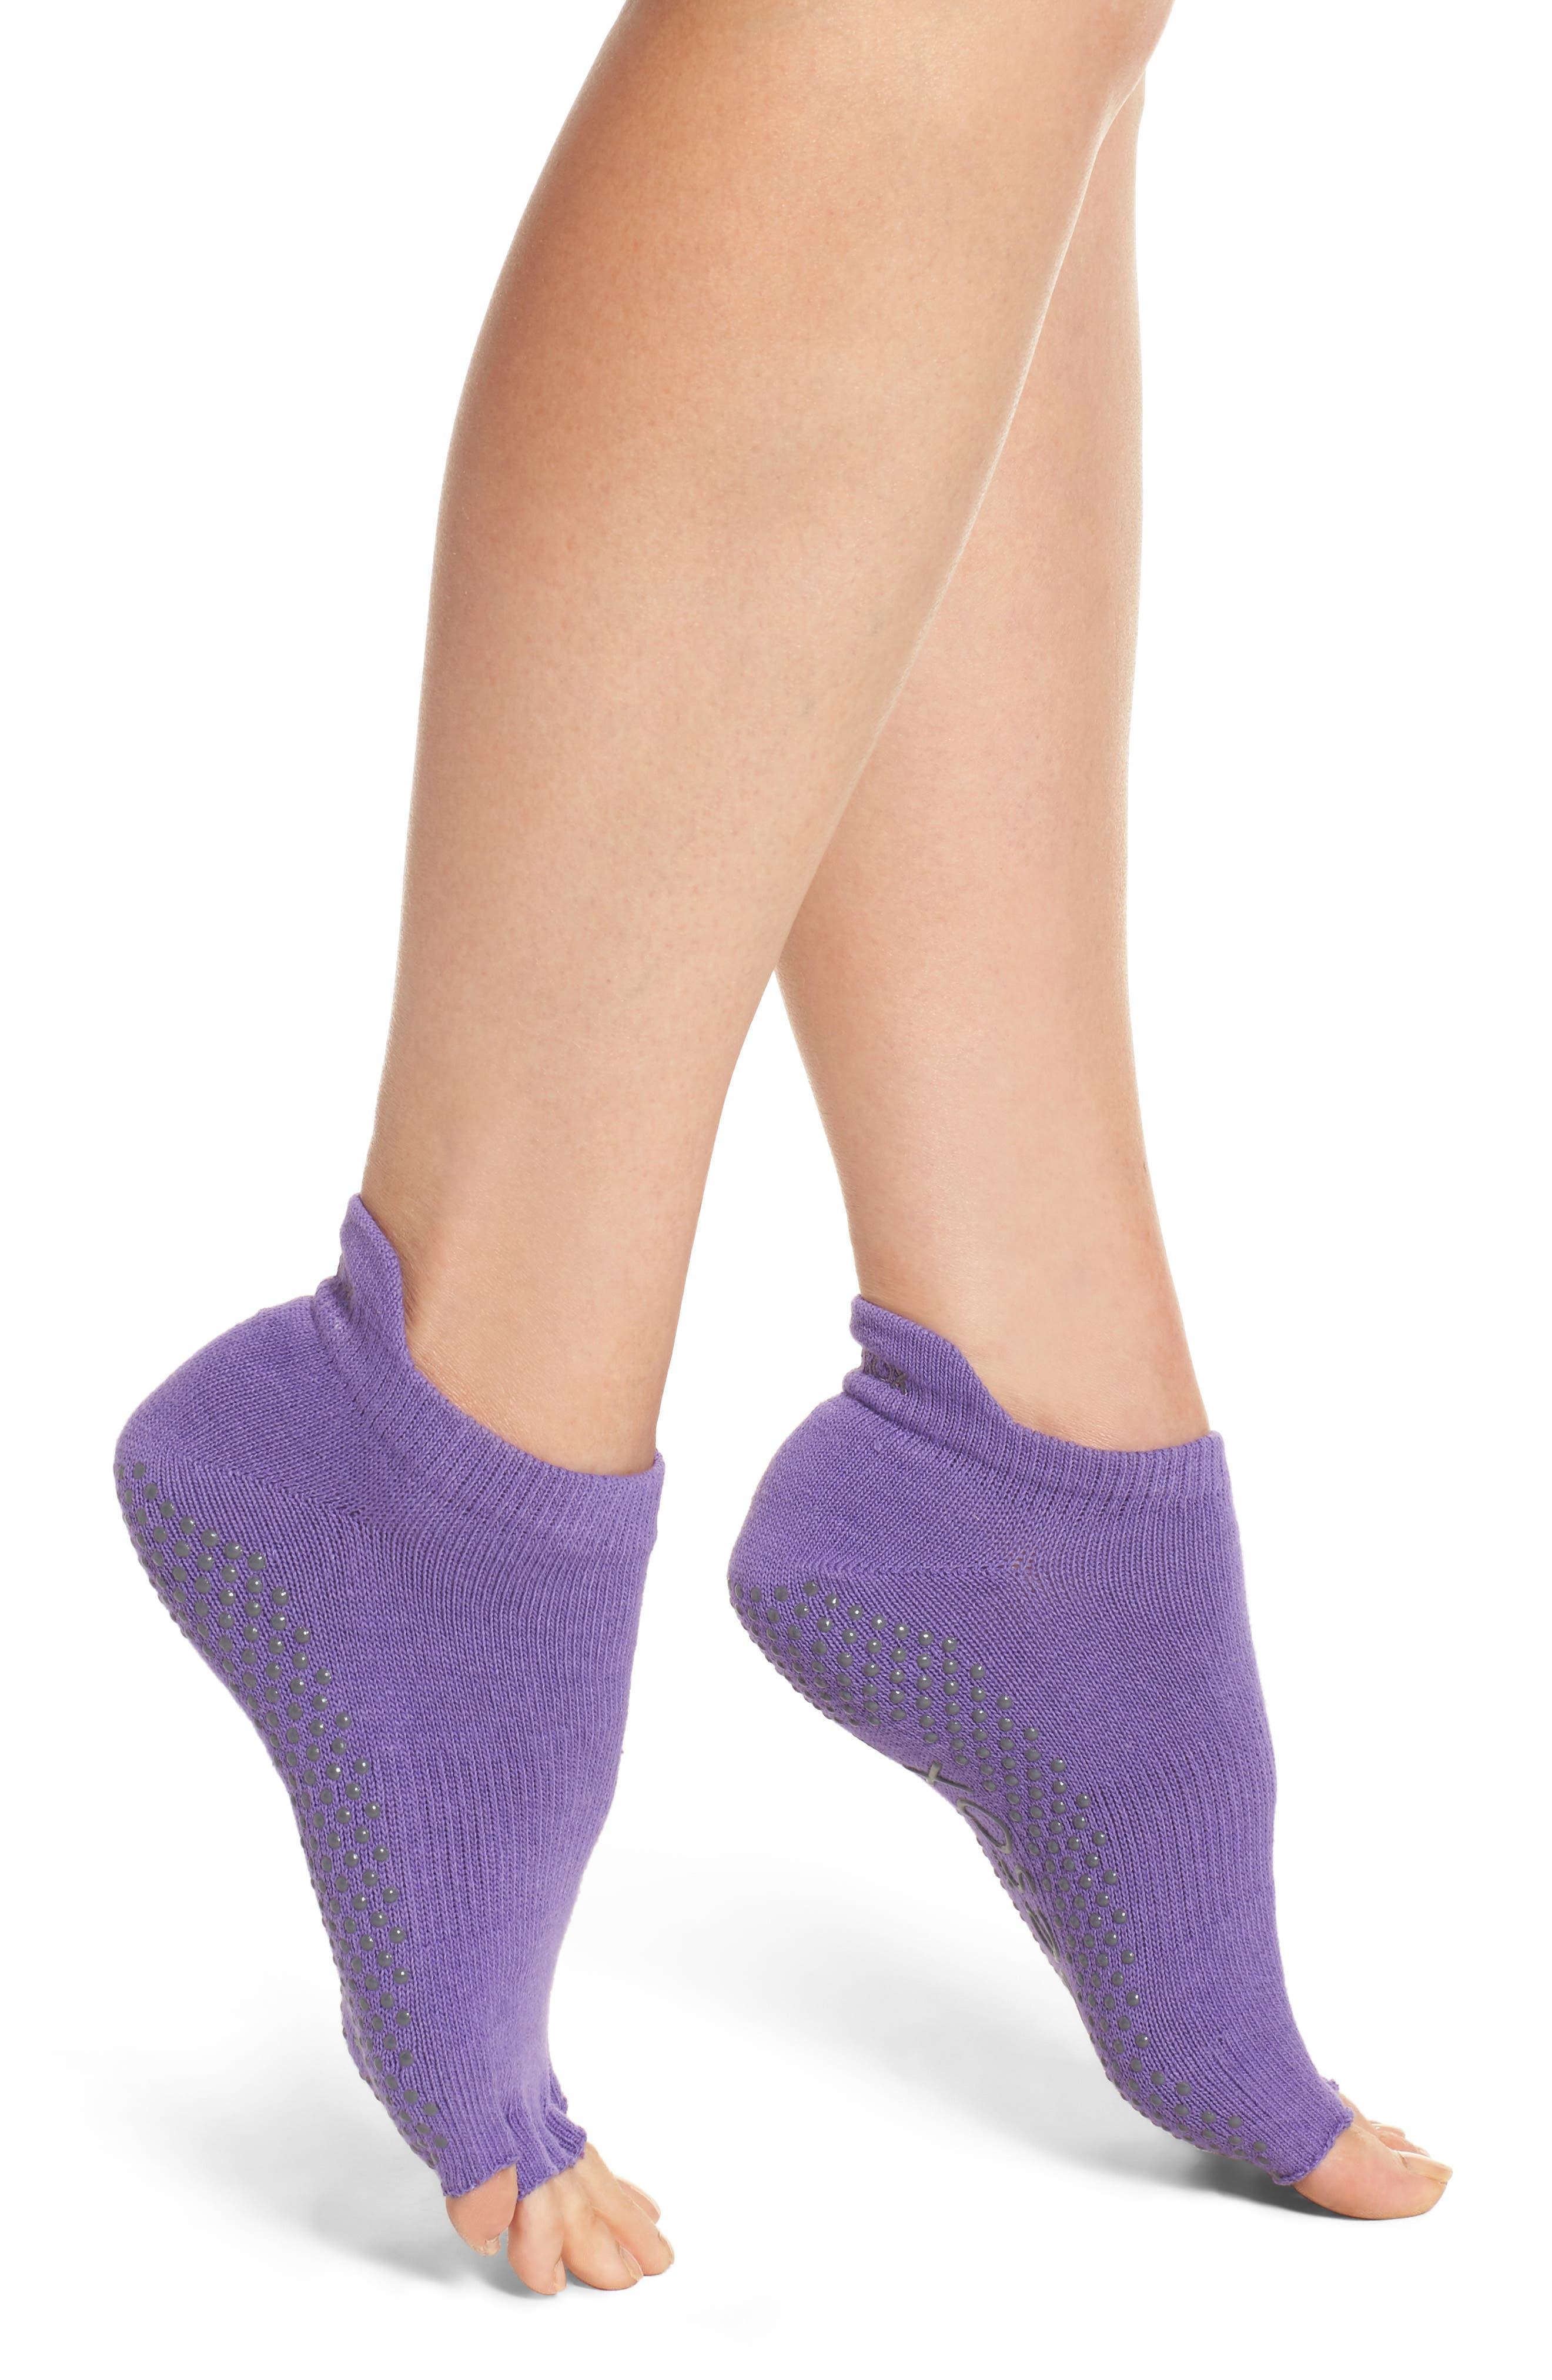 TOESOX Half Toe Gripper Socks